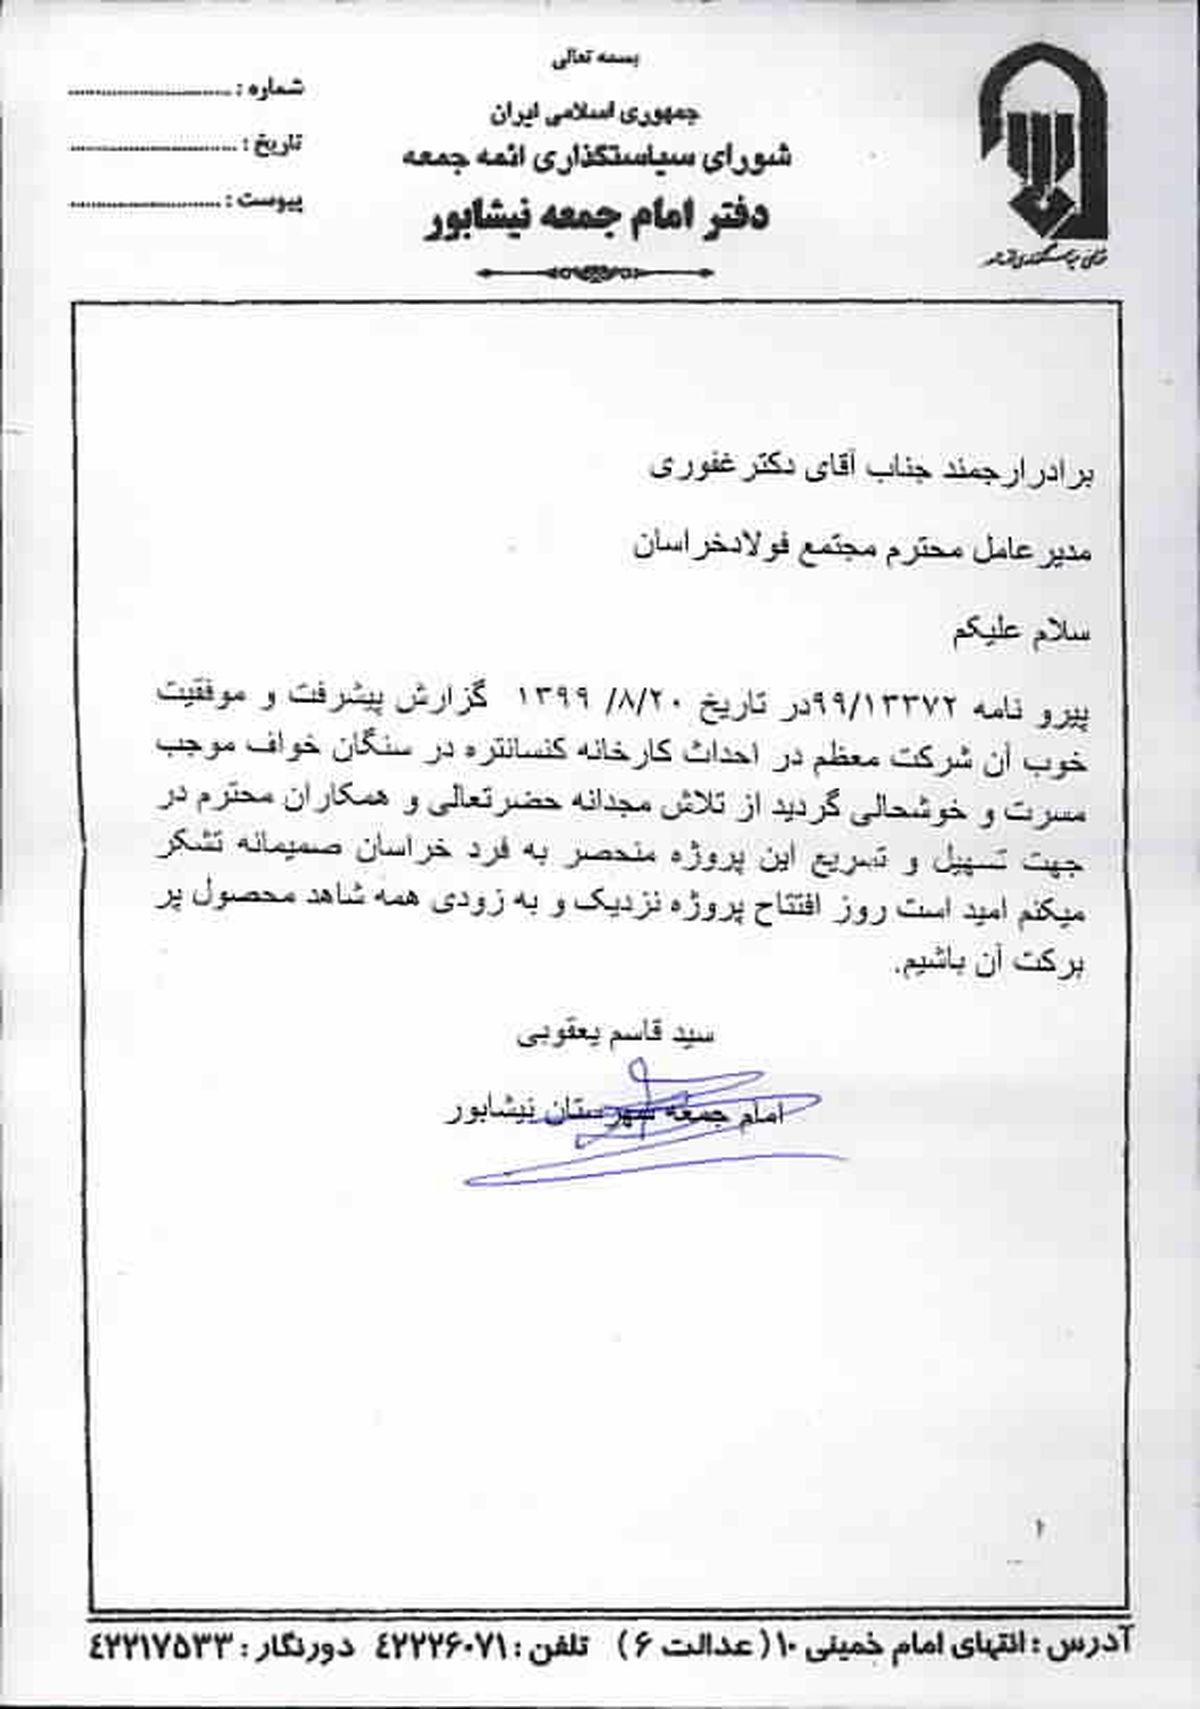 قدردانی امام جمعه شهرستان نیشابور از مدیر عامل فولاد خراسان